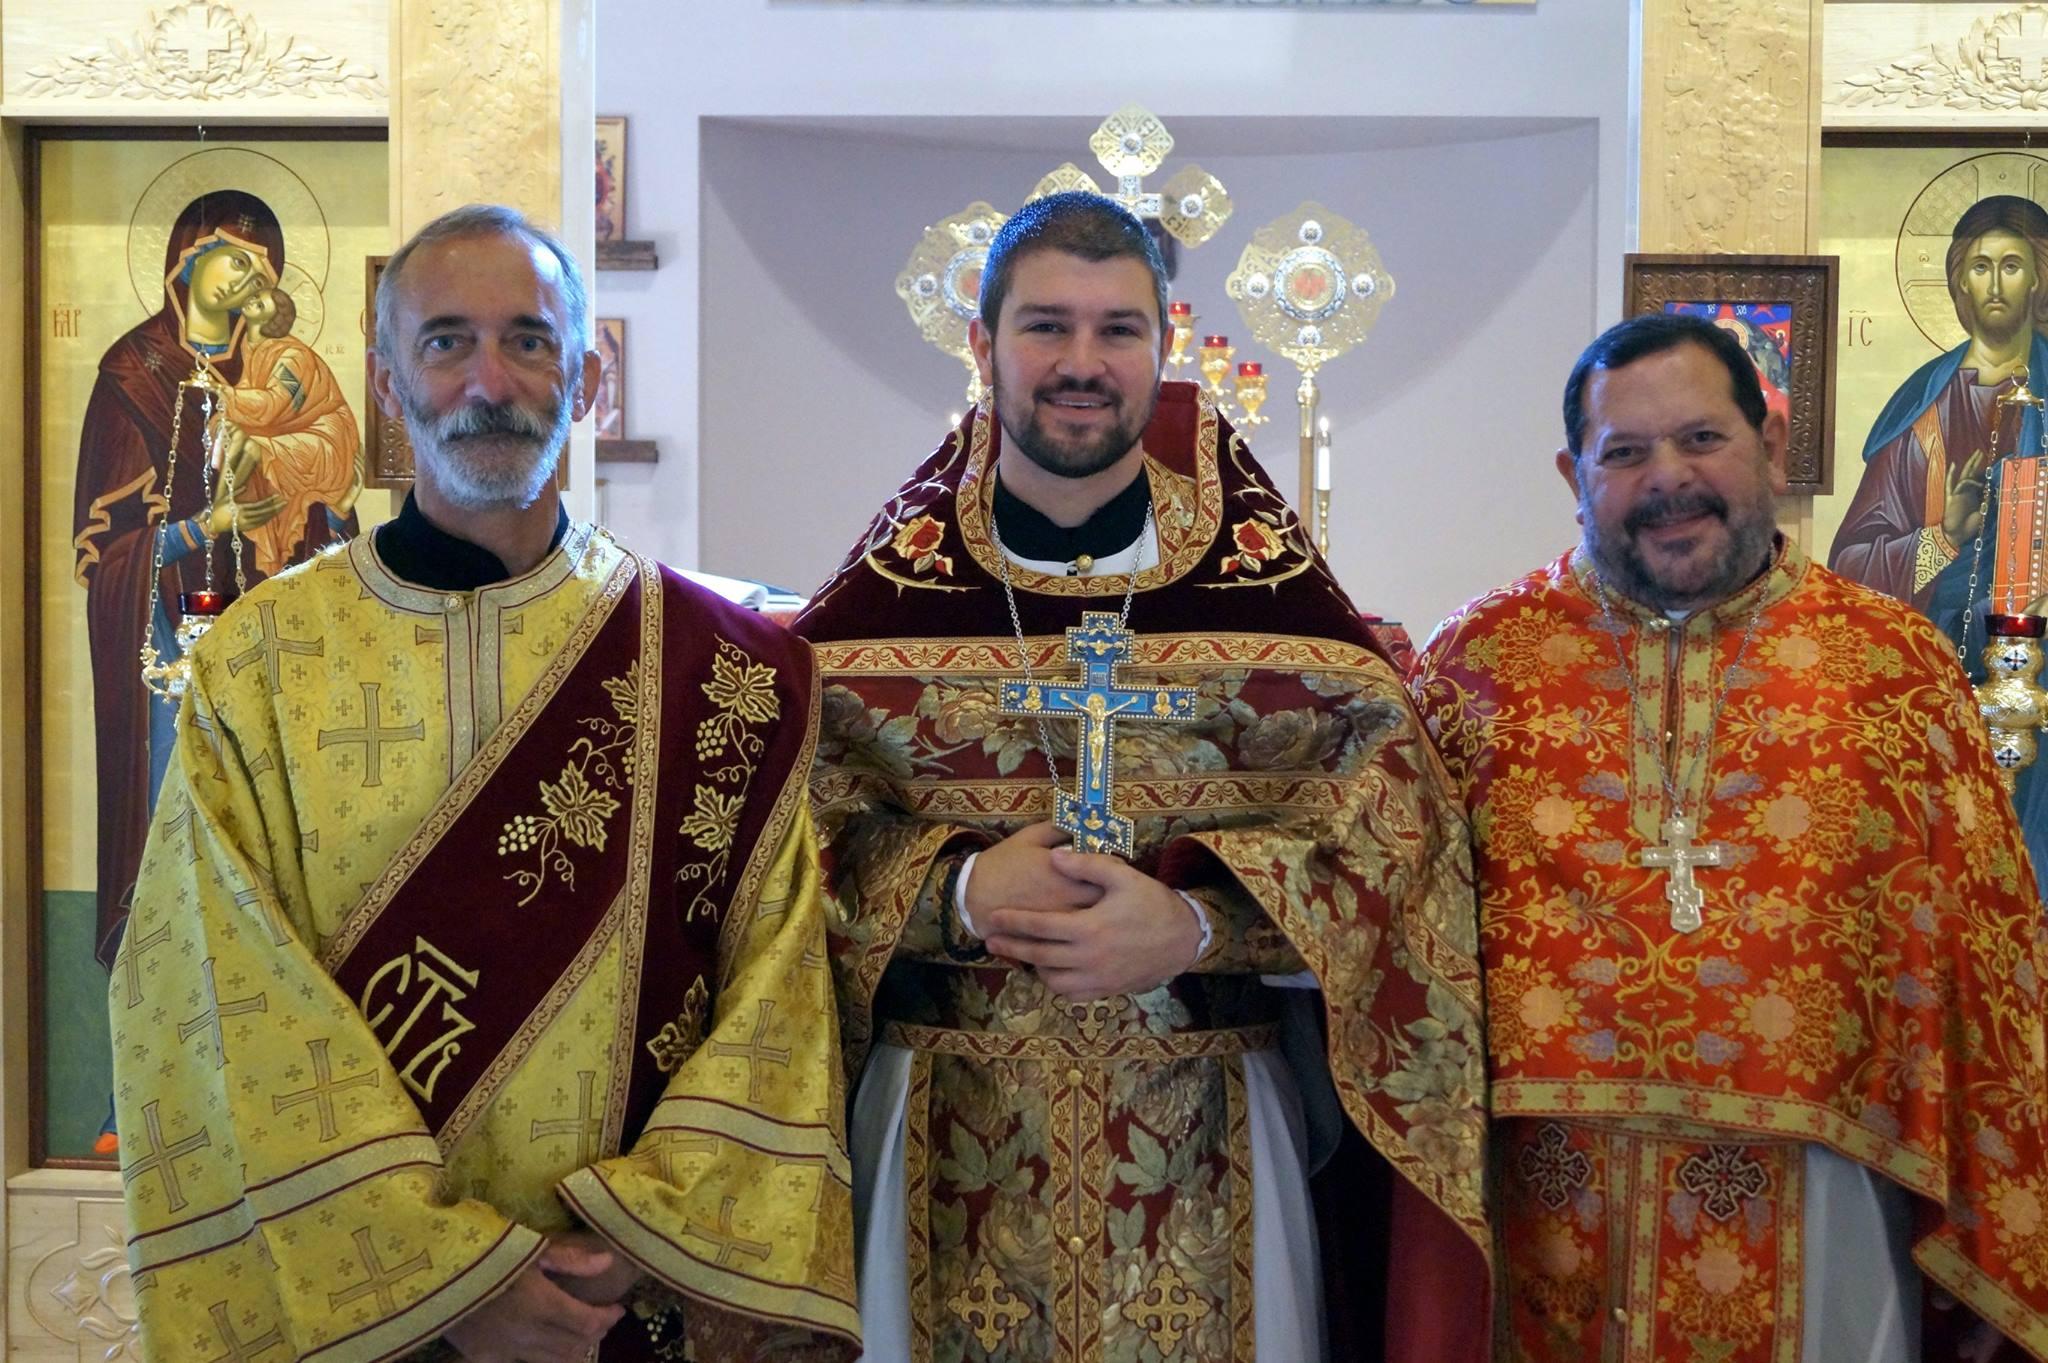 From Left to Right: Dn. John Manutes, Fr. Gabriel Bilas, Fr. Joseph Abud